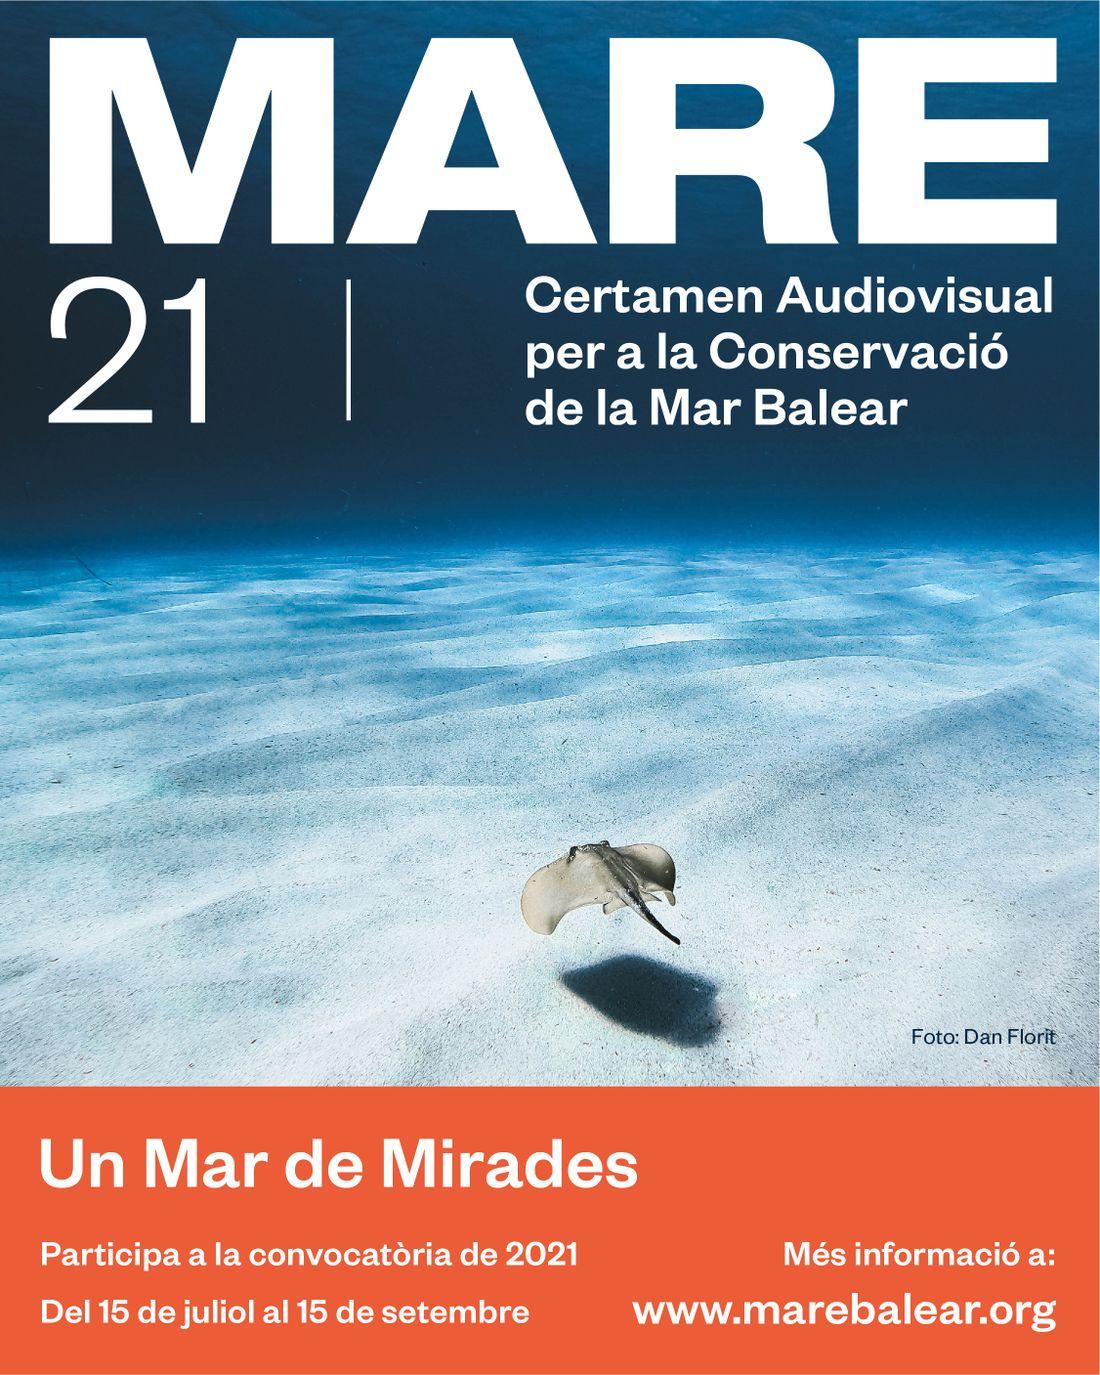 Arriba la segona edició de MARE, el Certamen Audiovisual per a la Conservació de la Mar Balear